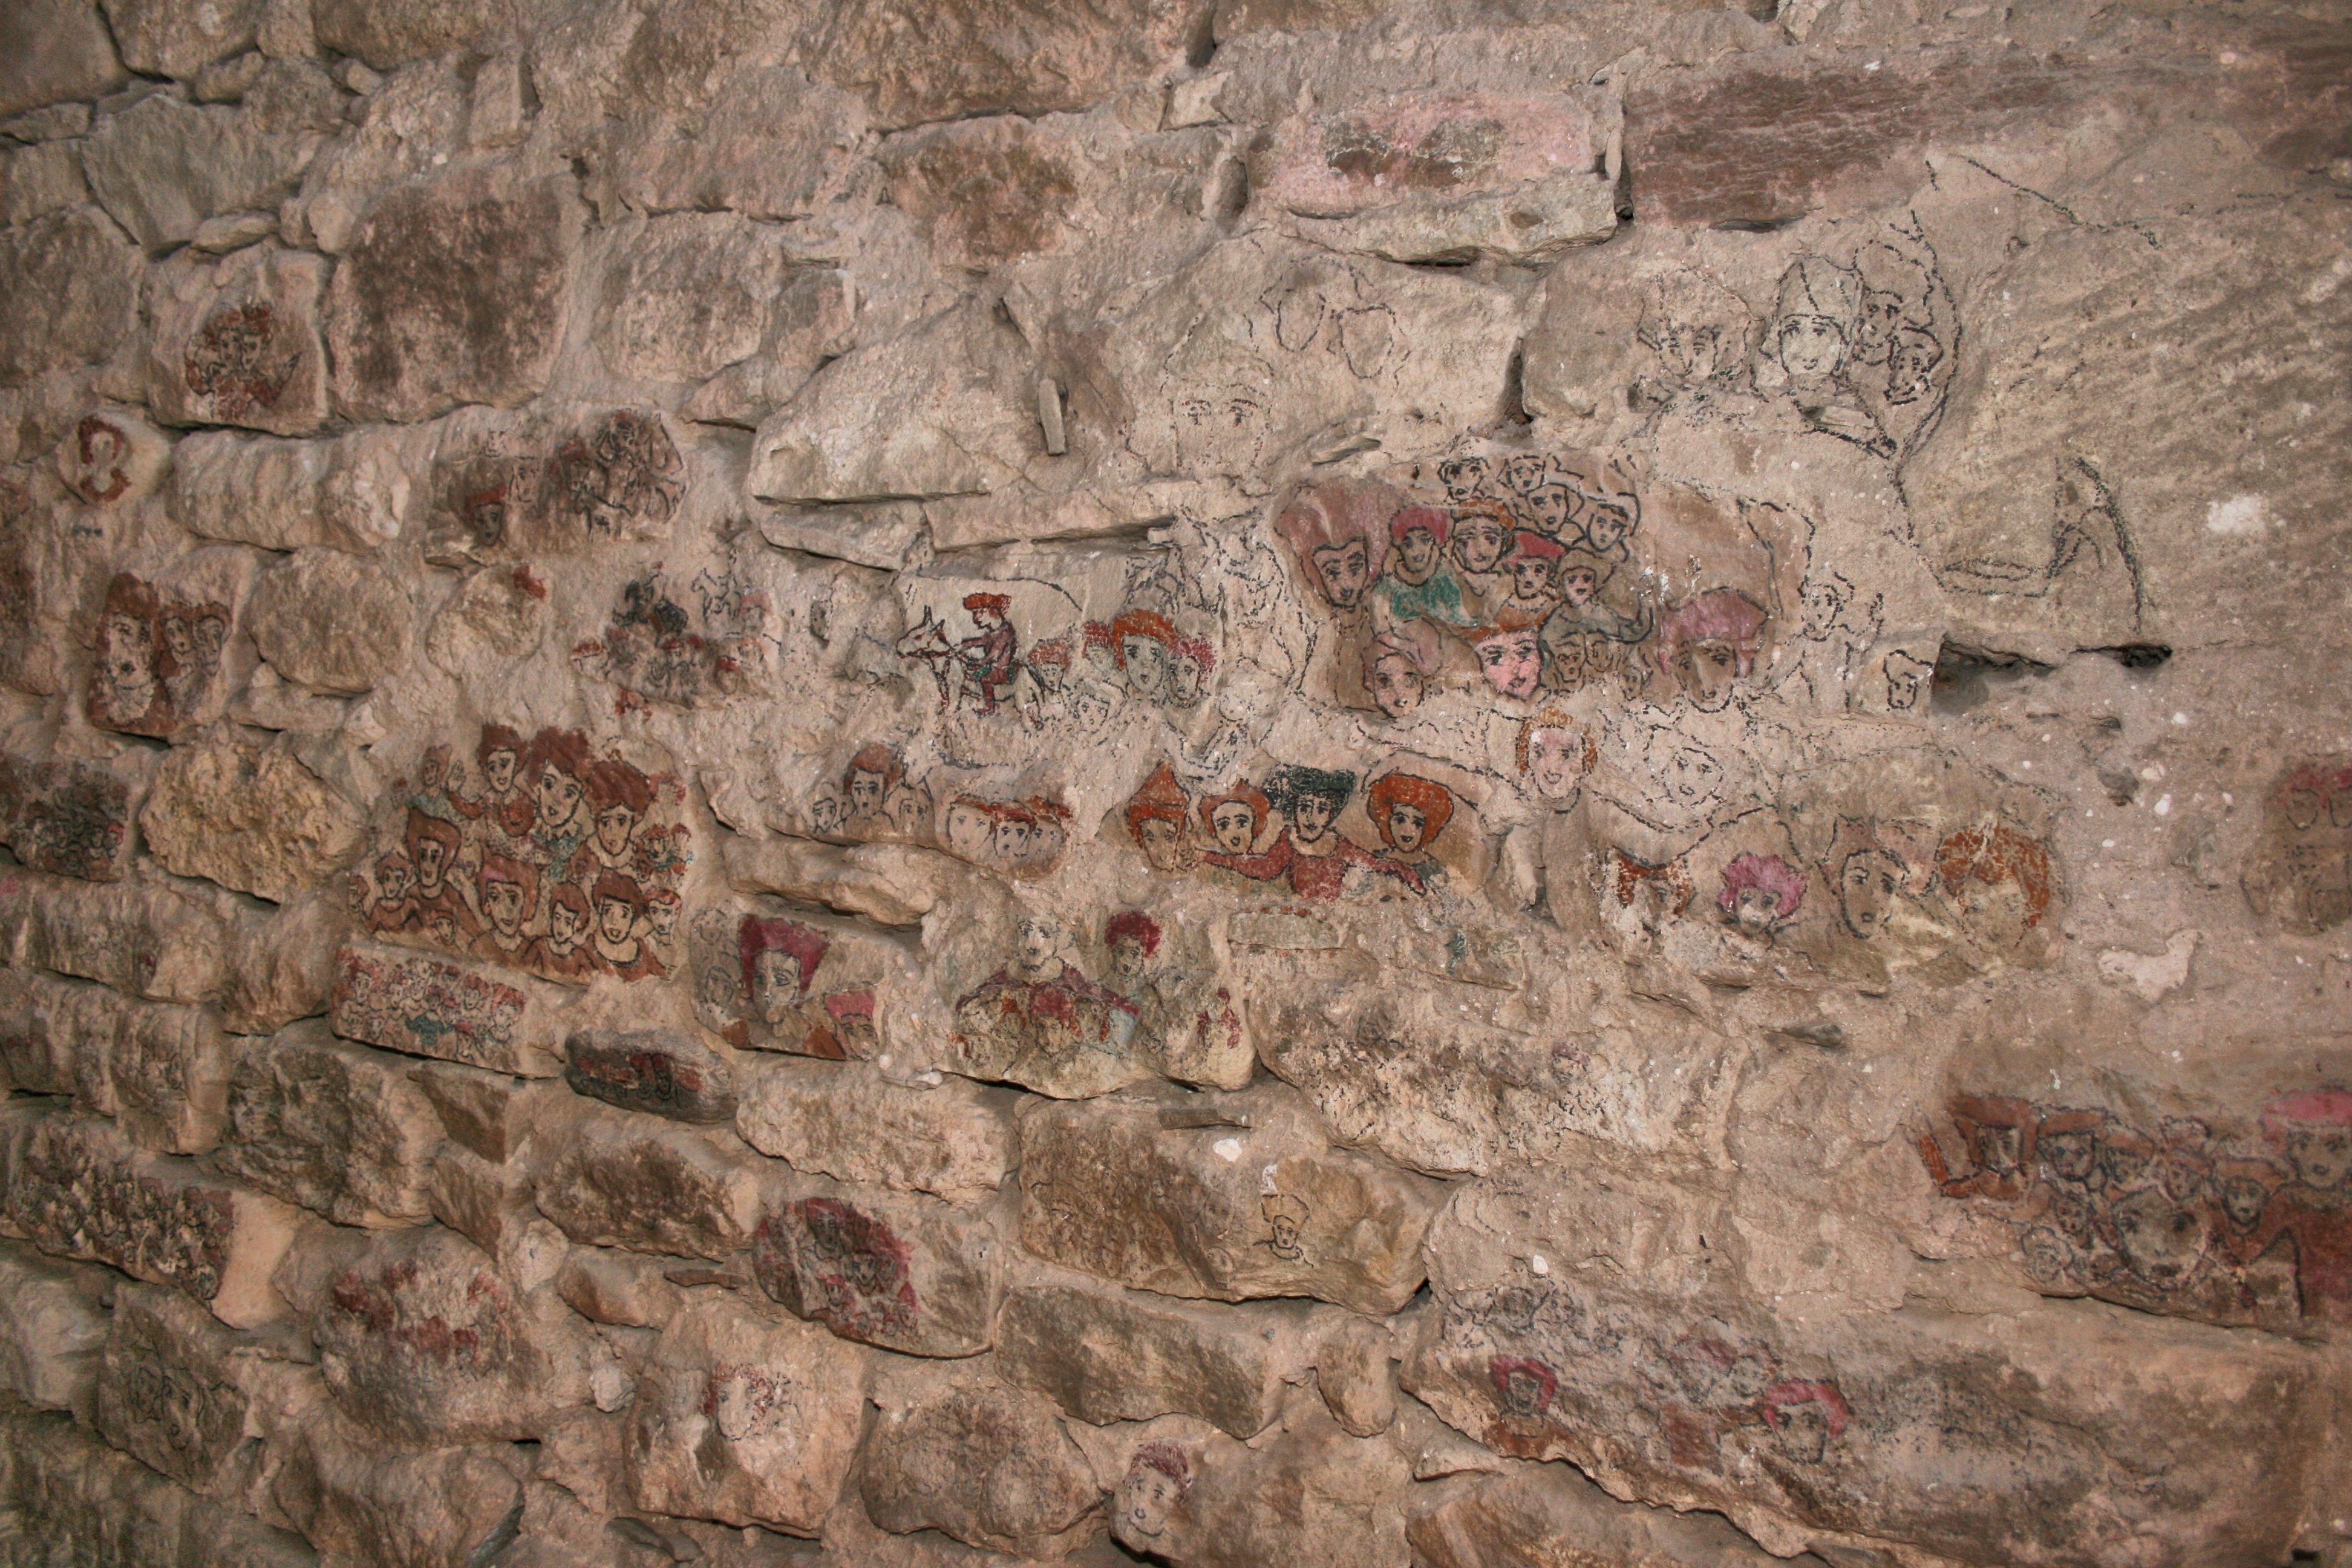 De part et d'autre du Château sur les pierres apparaissent des dessins de villageois en habits d'époques...